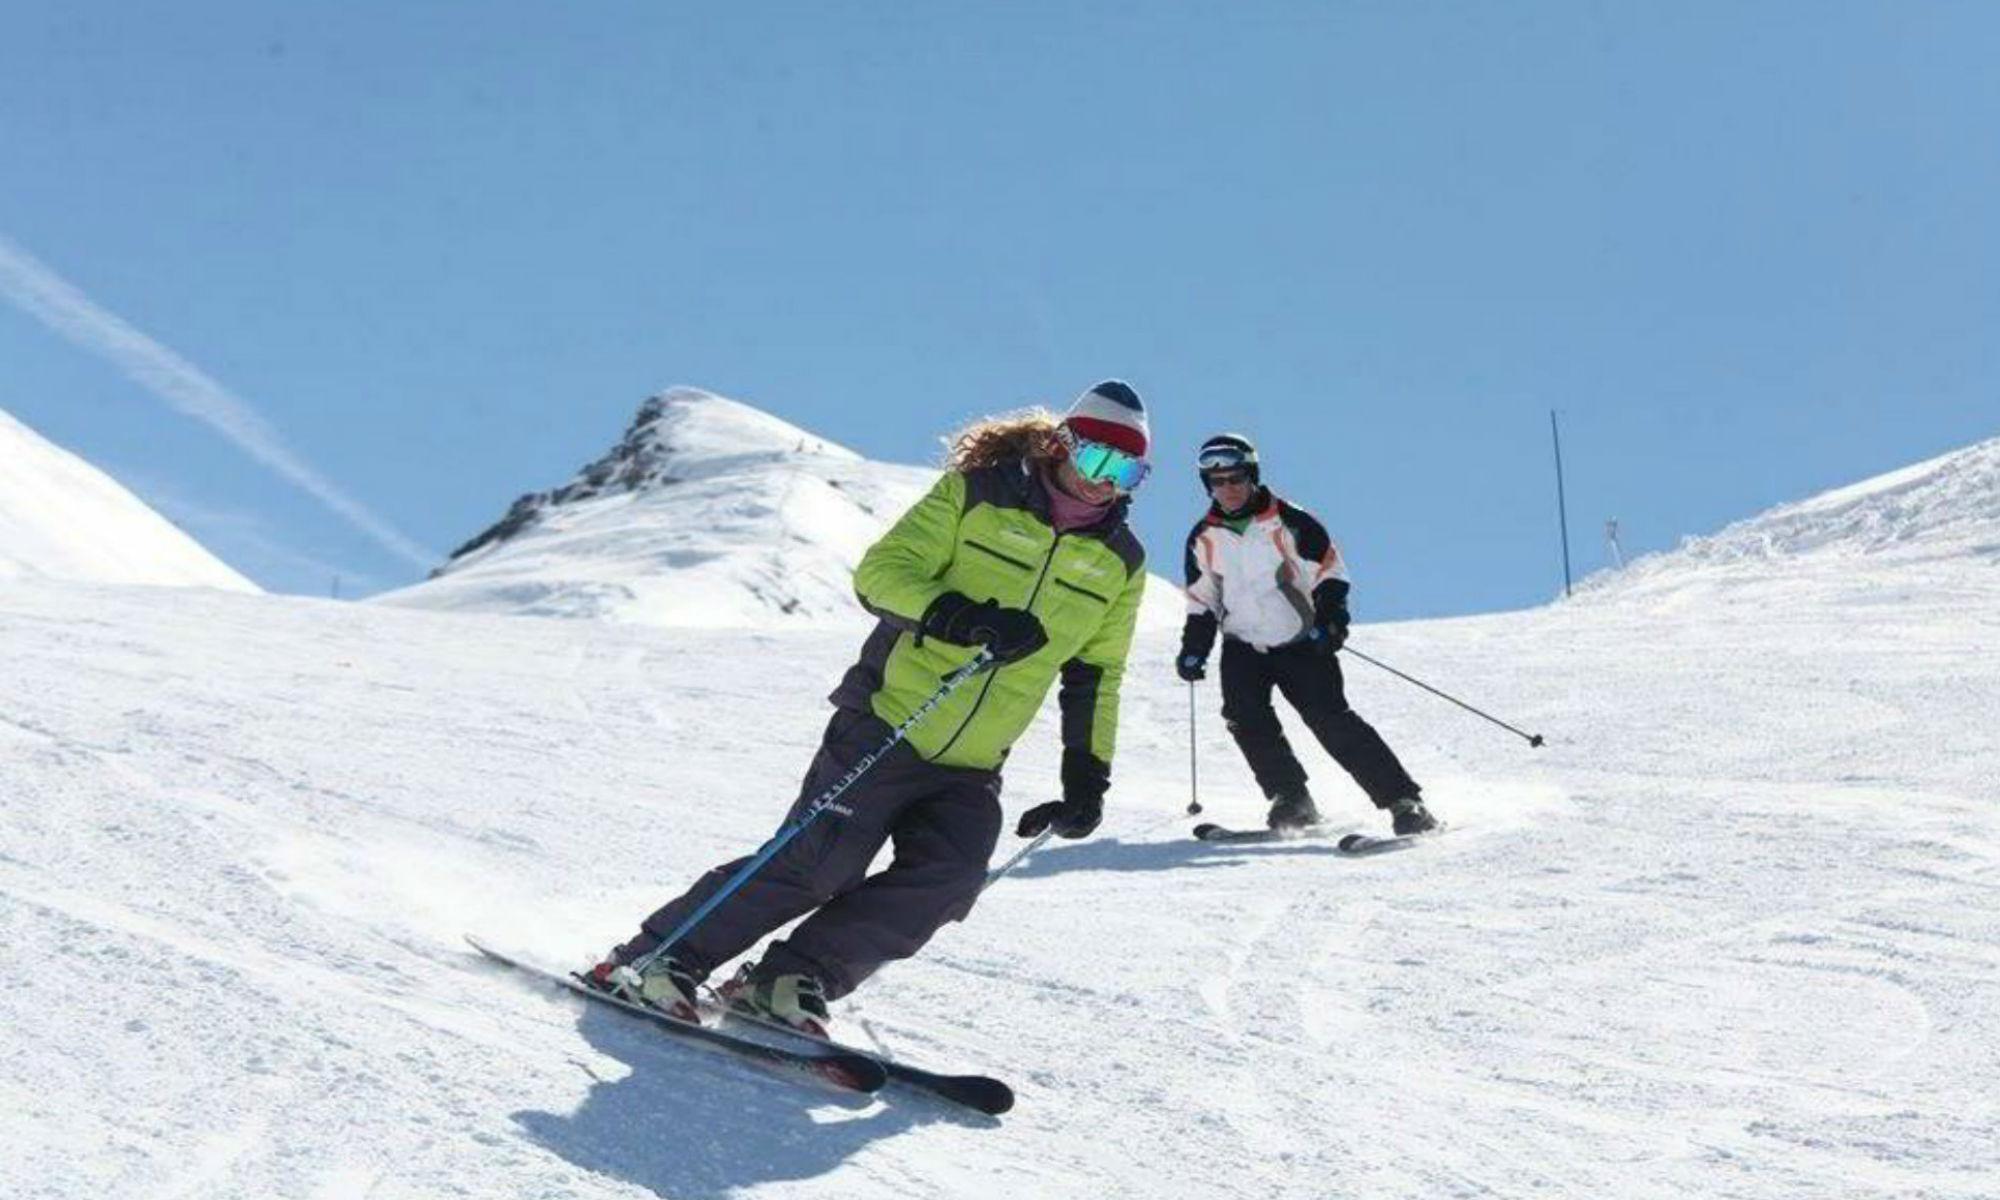 Un moniteur particulier de ski et son élève sur une piste enneigée.